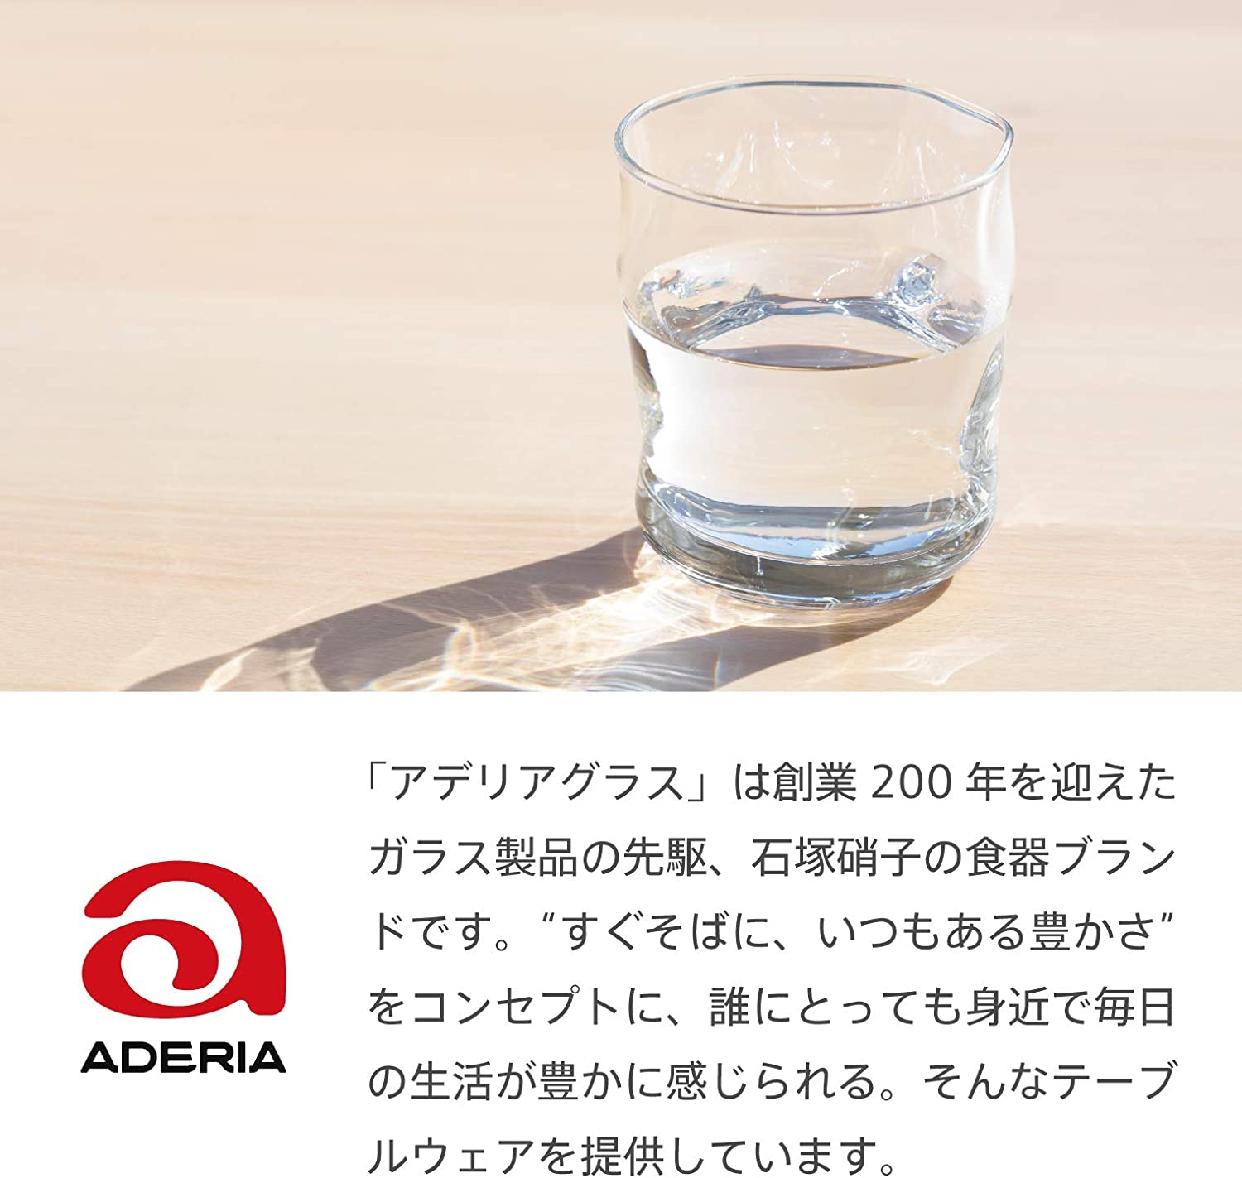 ADERIA(アデリア) プレミアム丸紋 ビアグラスM ペアセット S-6212の商品画像7